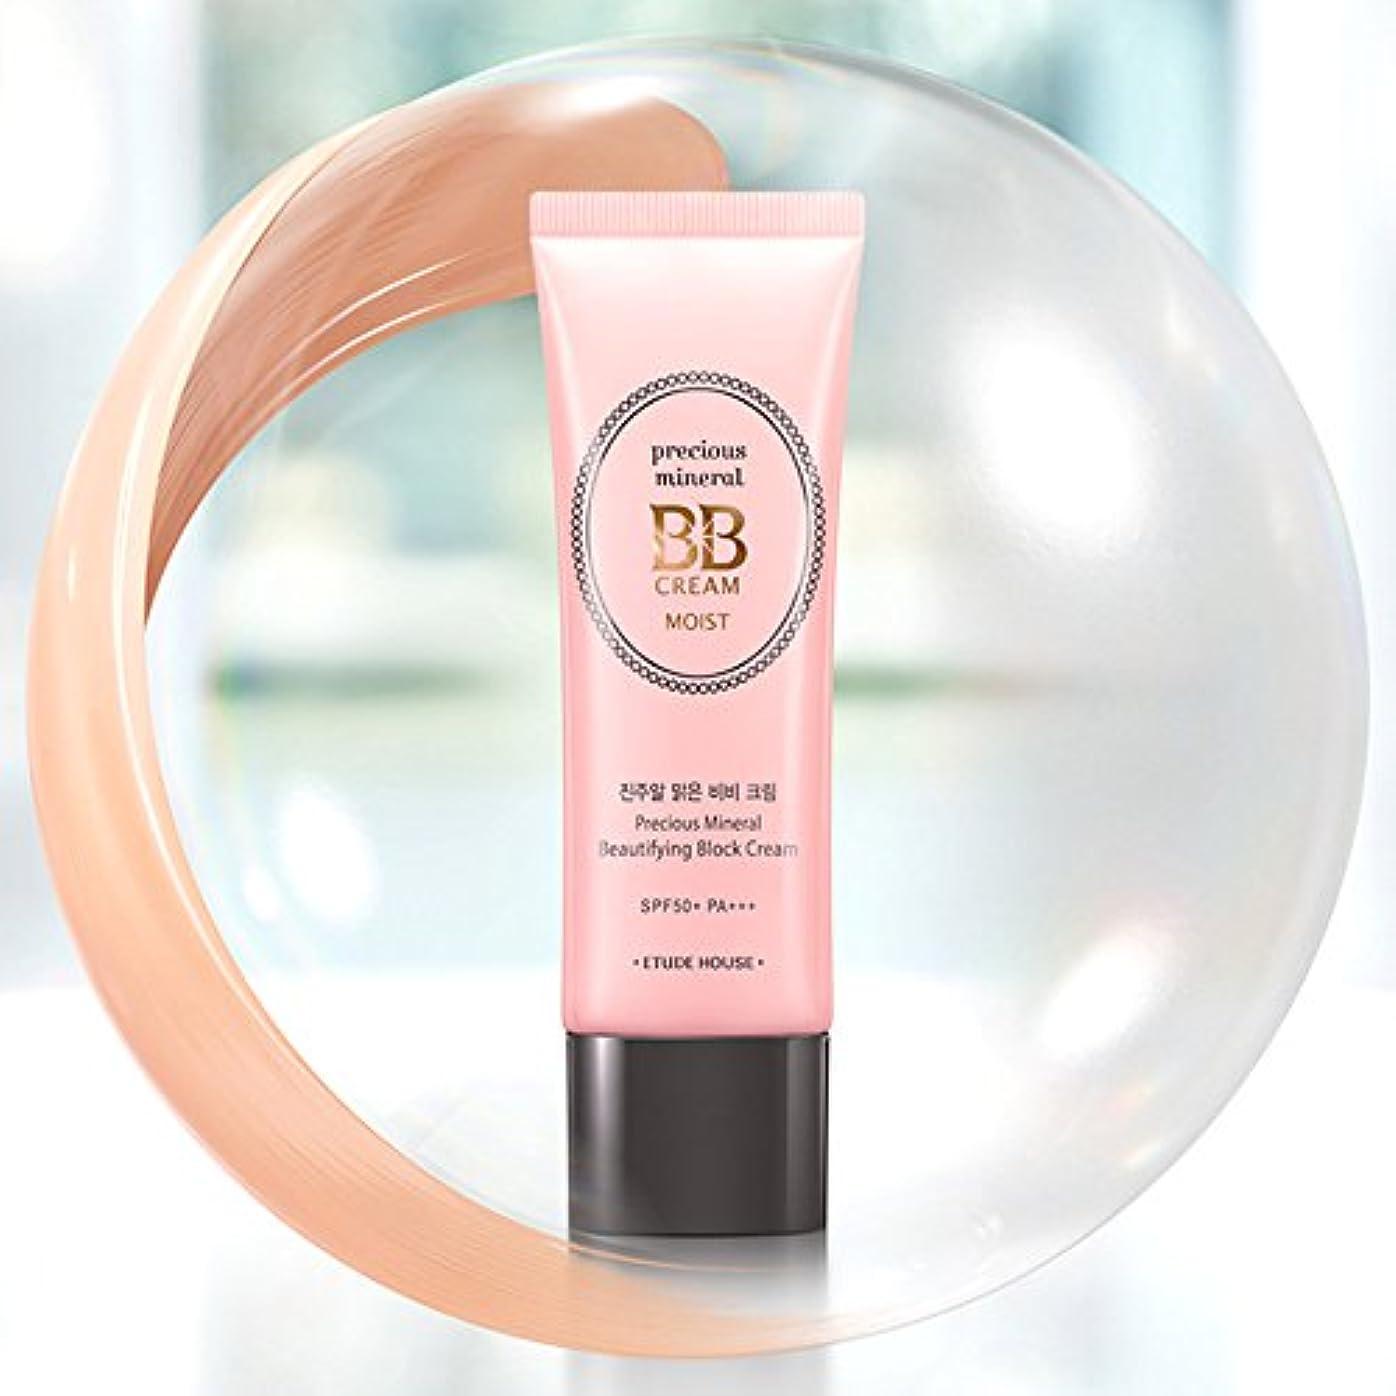 危険を冒します無傷機械的ETUDE HOUSE Precious Mineral BB Cream Moist [ Beige] SPF50+ PA+++ エチュードハウス プレシャスミネラルBBクリーム モイスト [ベージュ] SPF50 +...